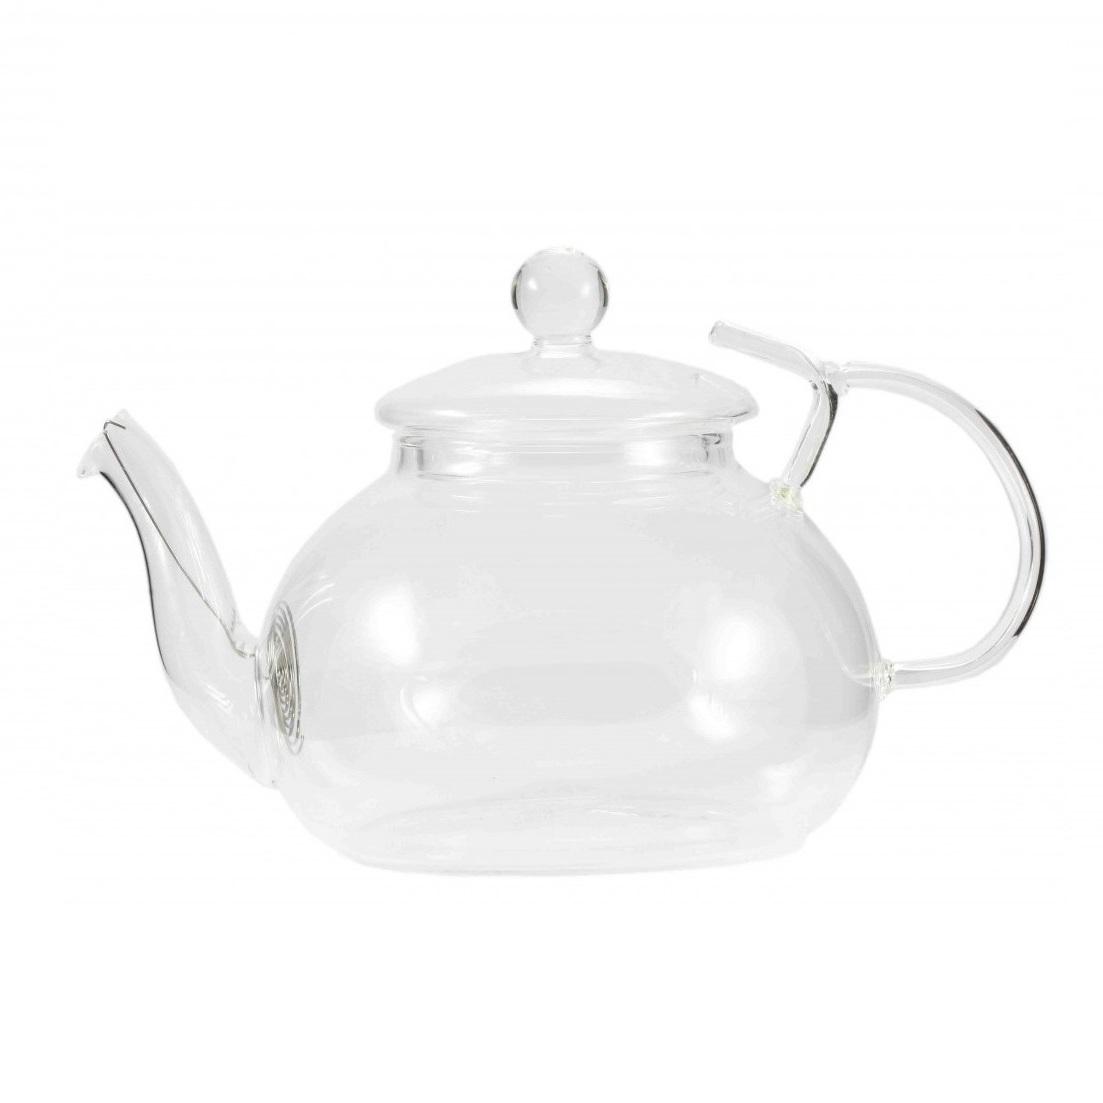 Заварочный чайник Примула, 700 мл чайник заварочный lenardi лошади 700 мл